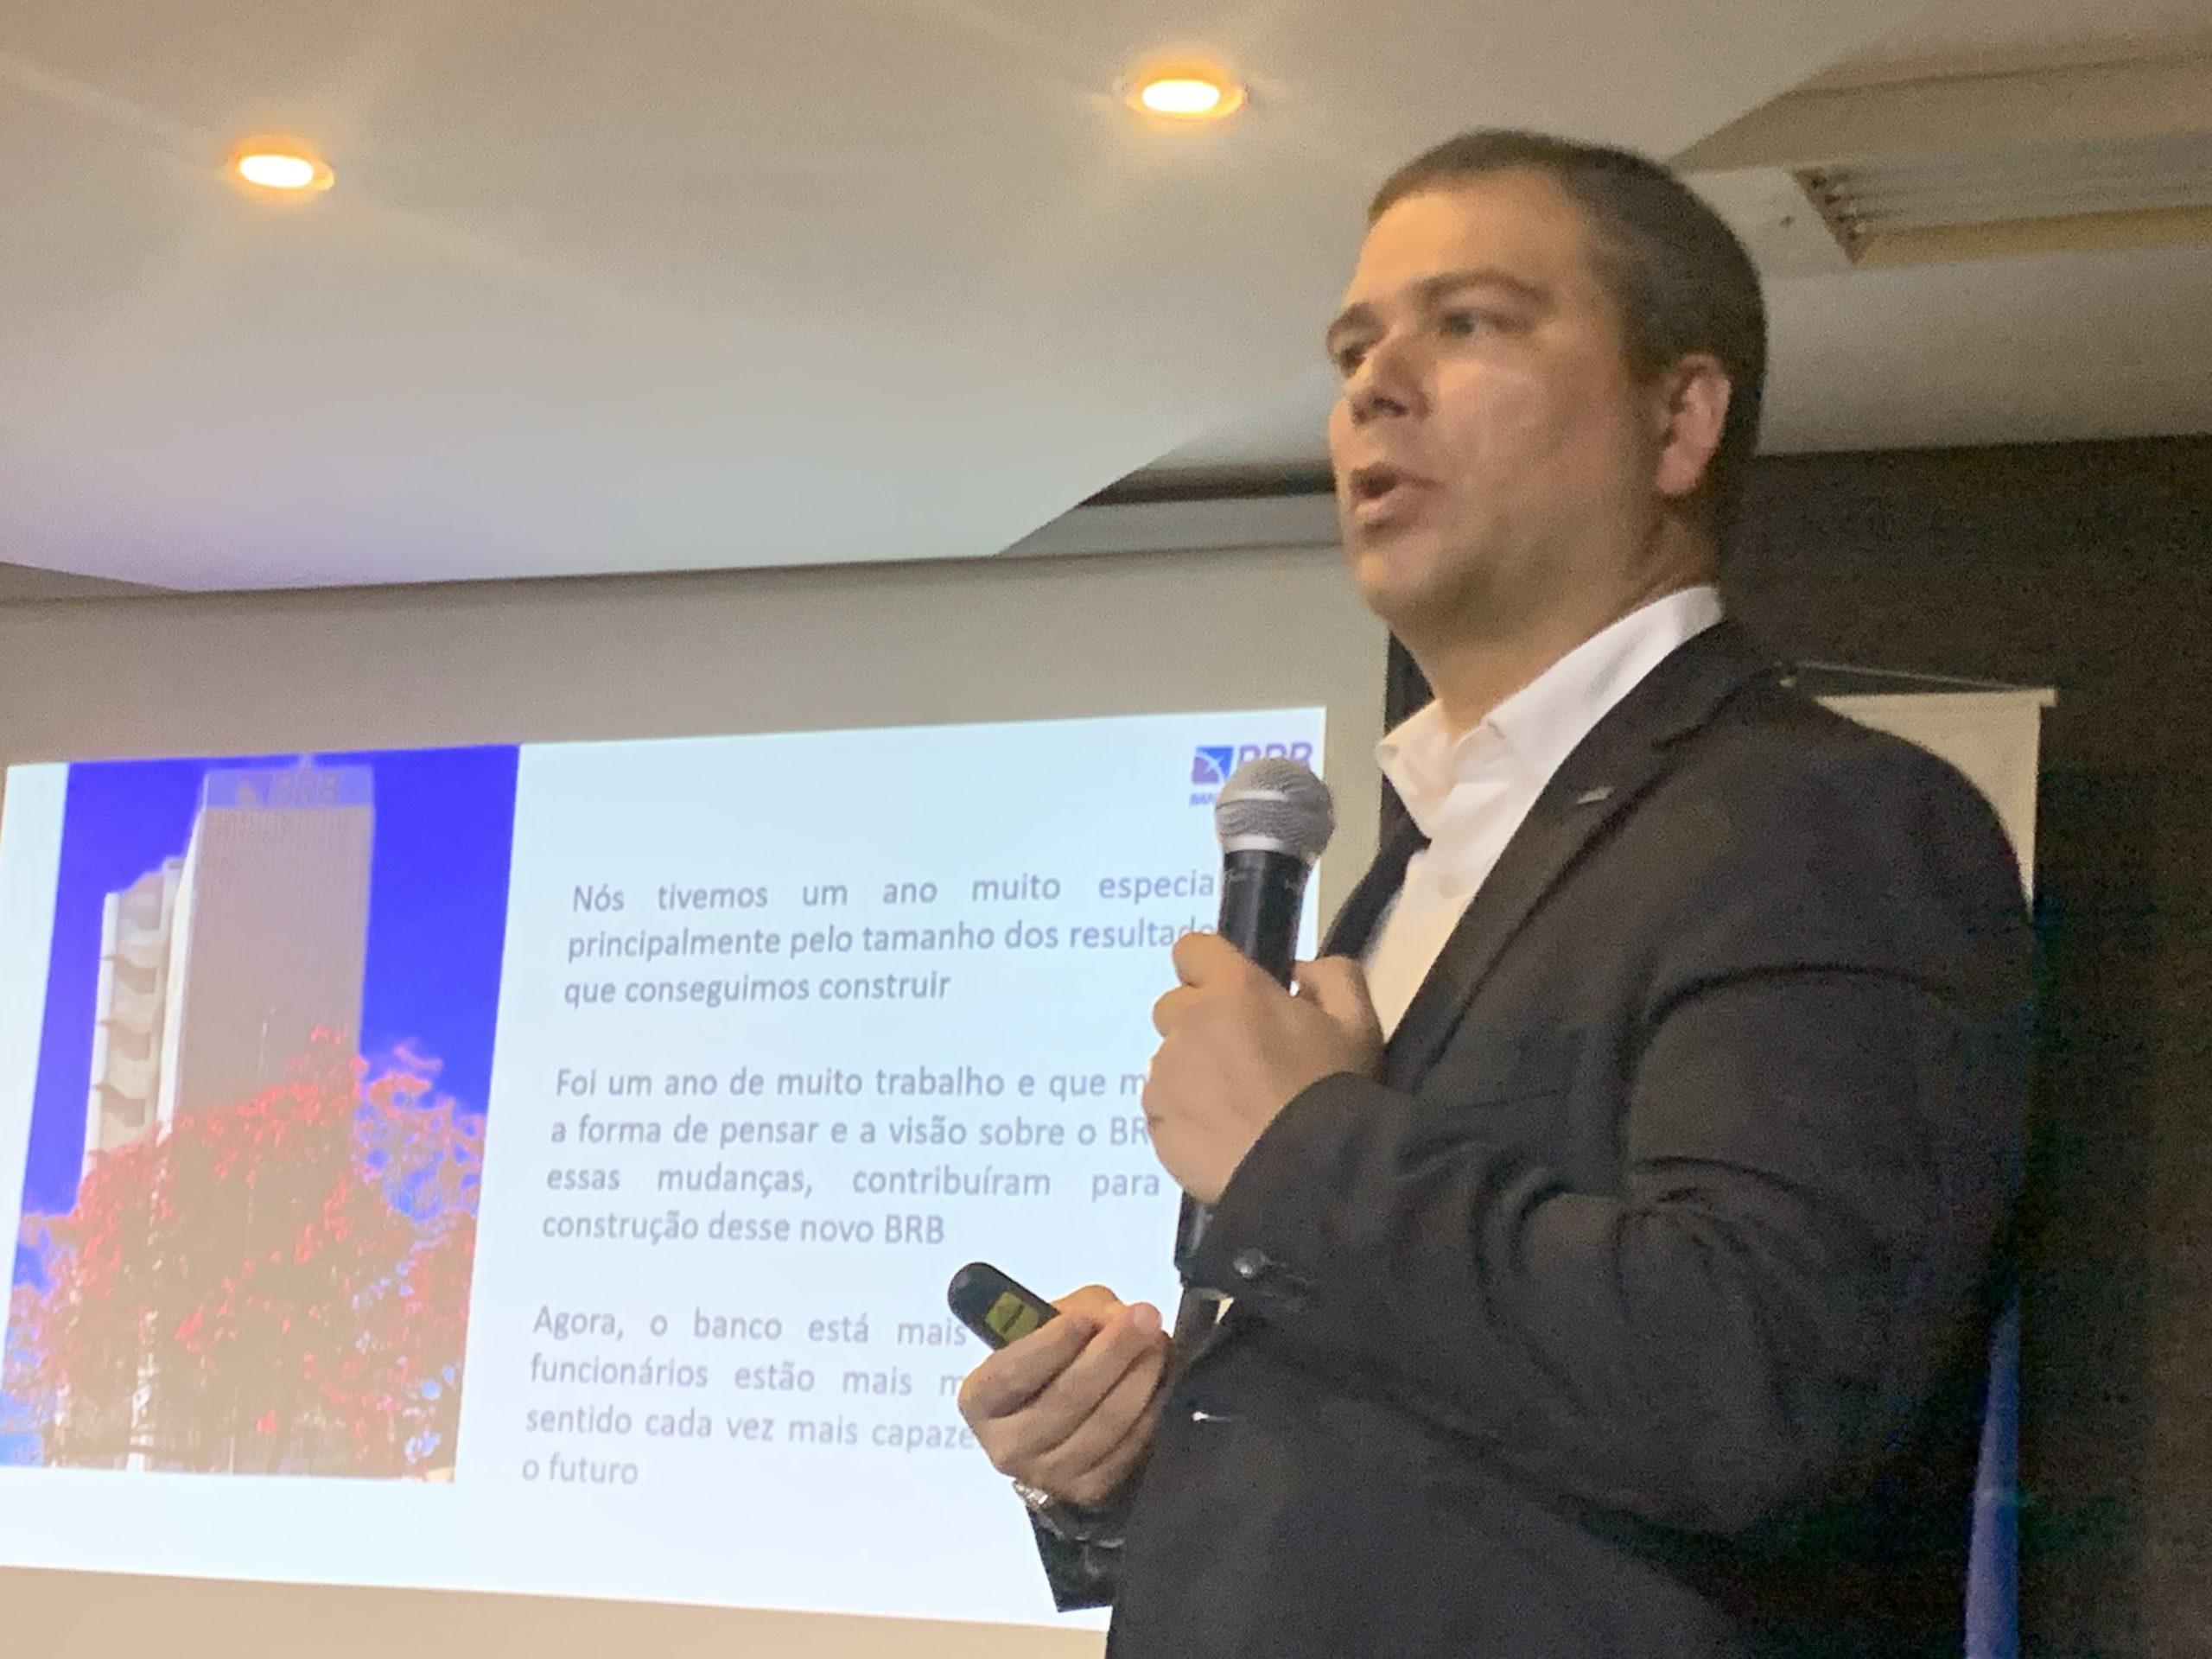 GESTÃO DE SUCESSO | Empregados do BRB recebem o maior PLR da história do banco